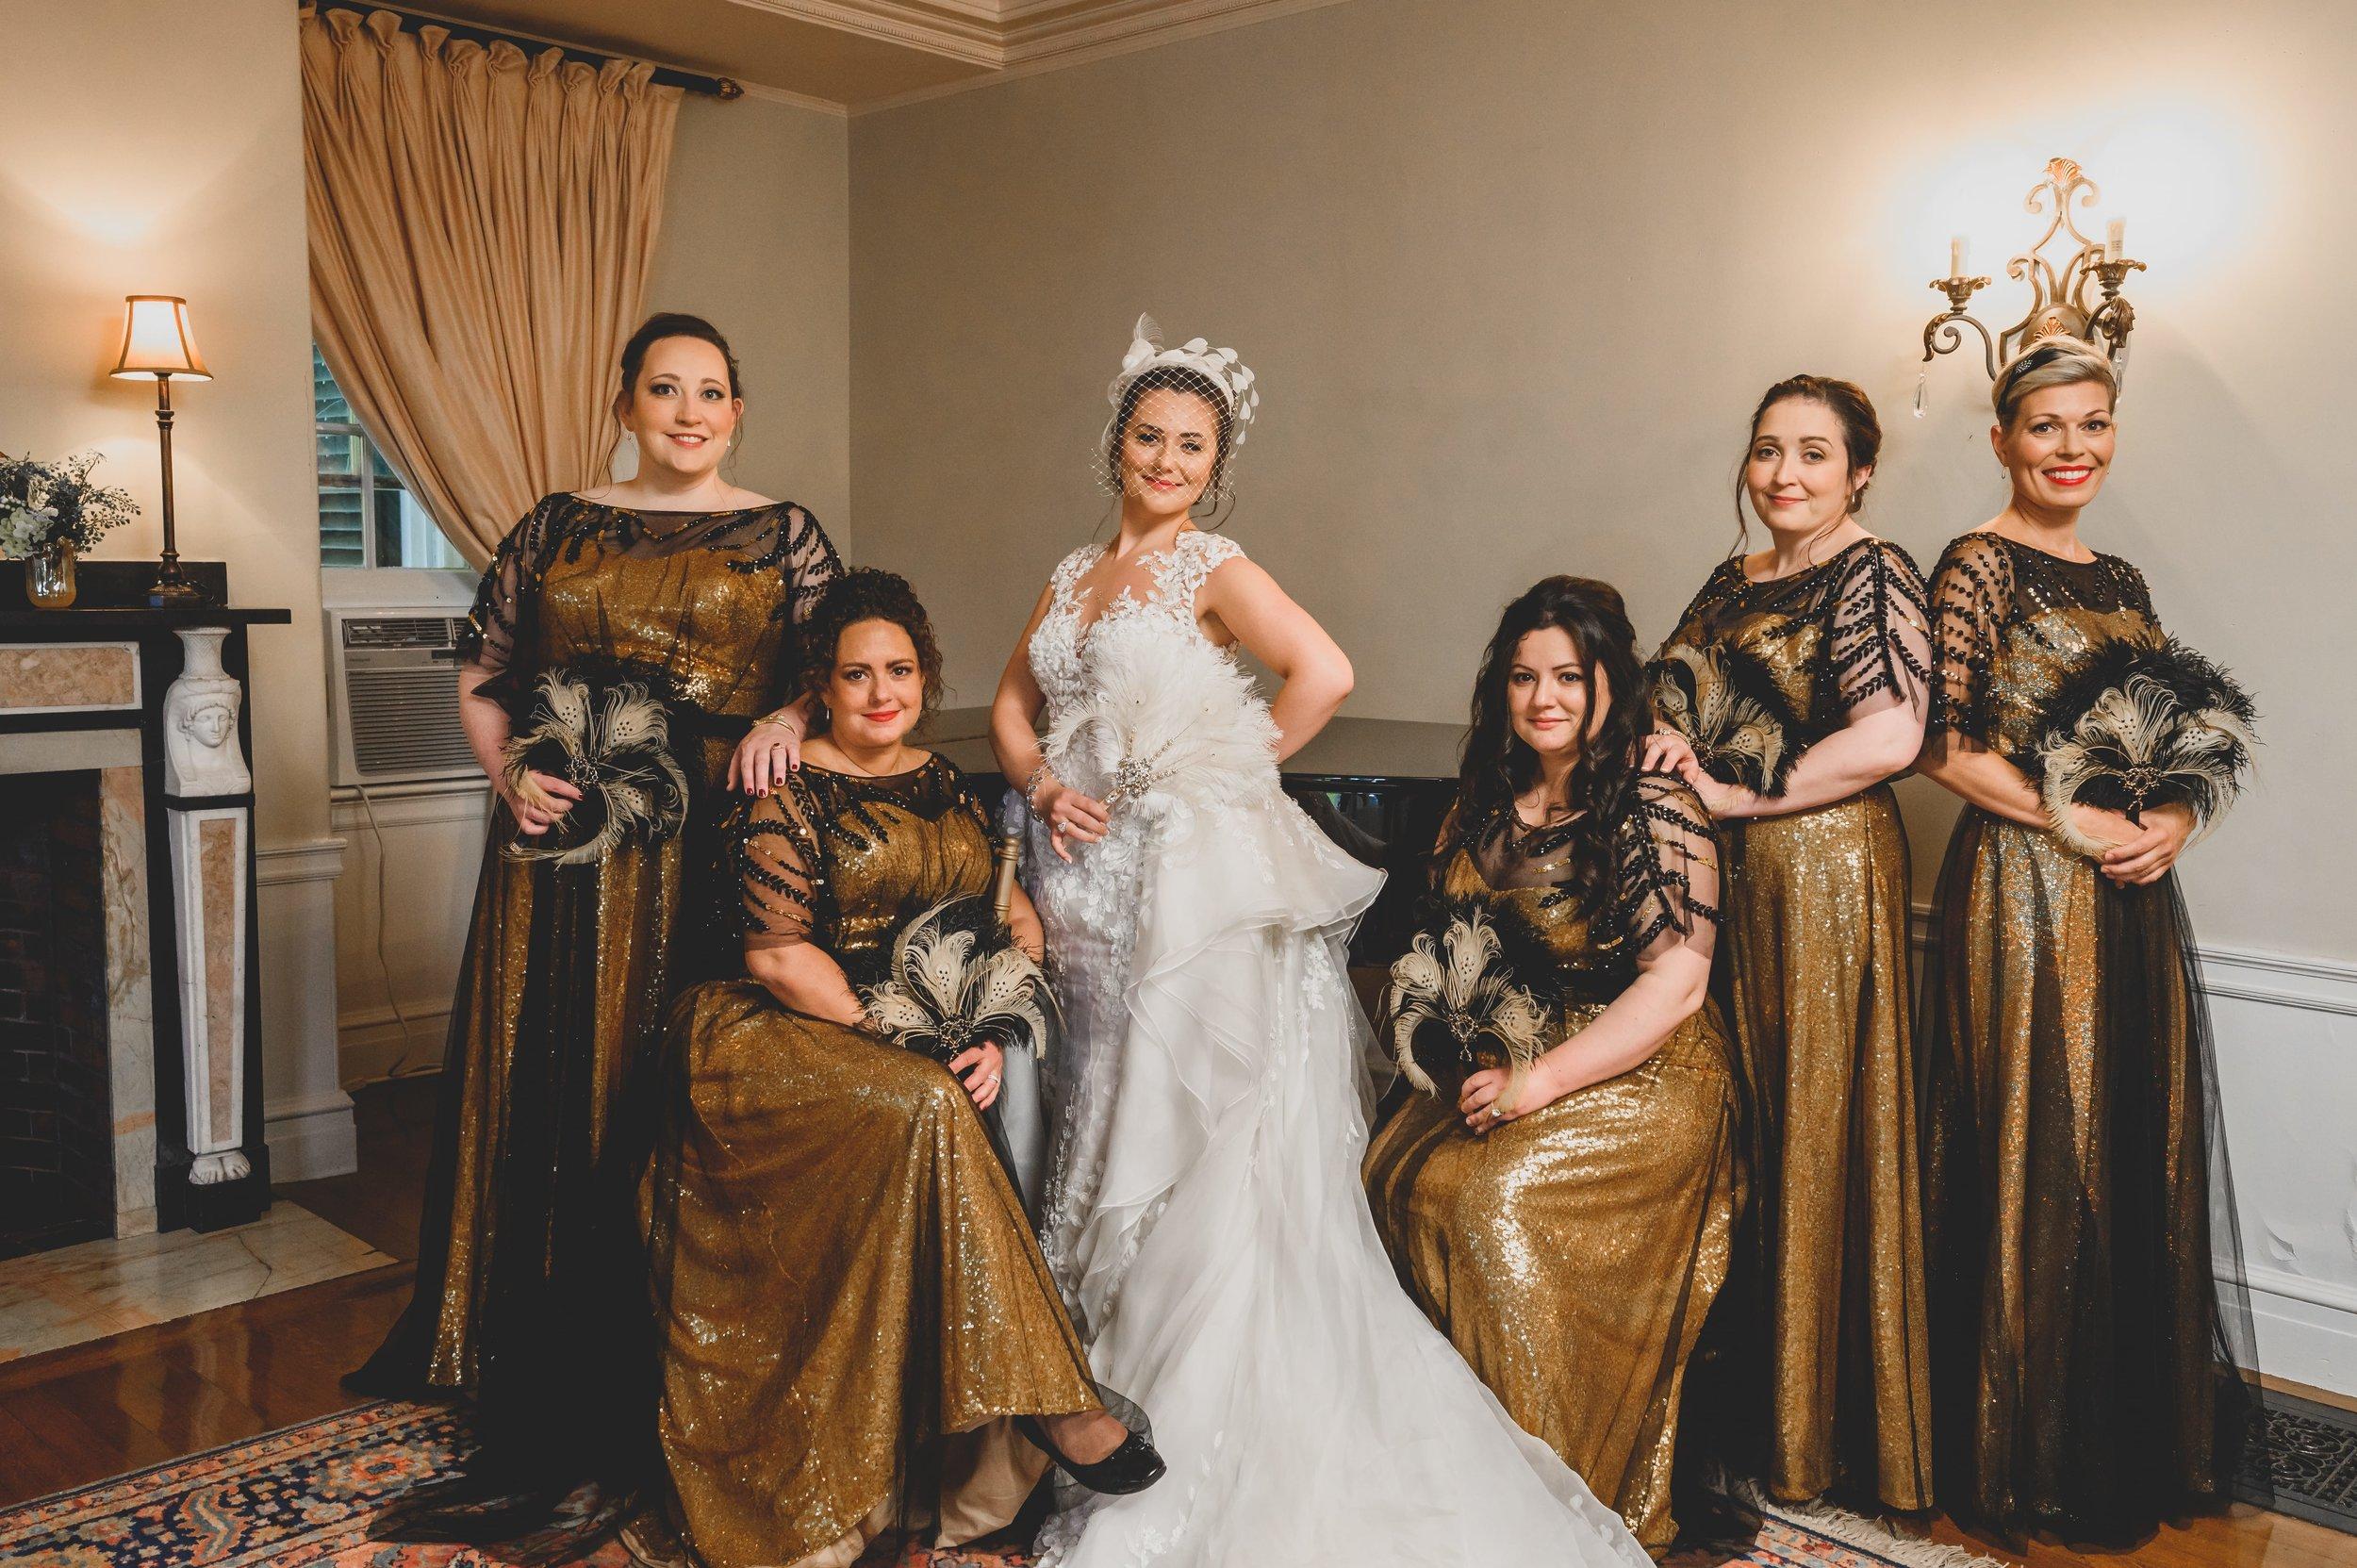 masquerade-wedding-theme-bridal-party